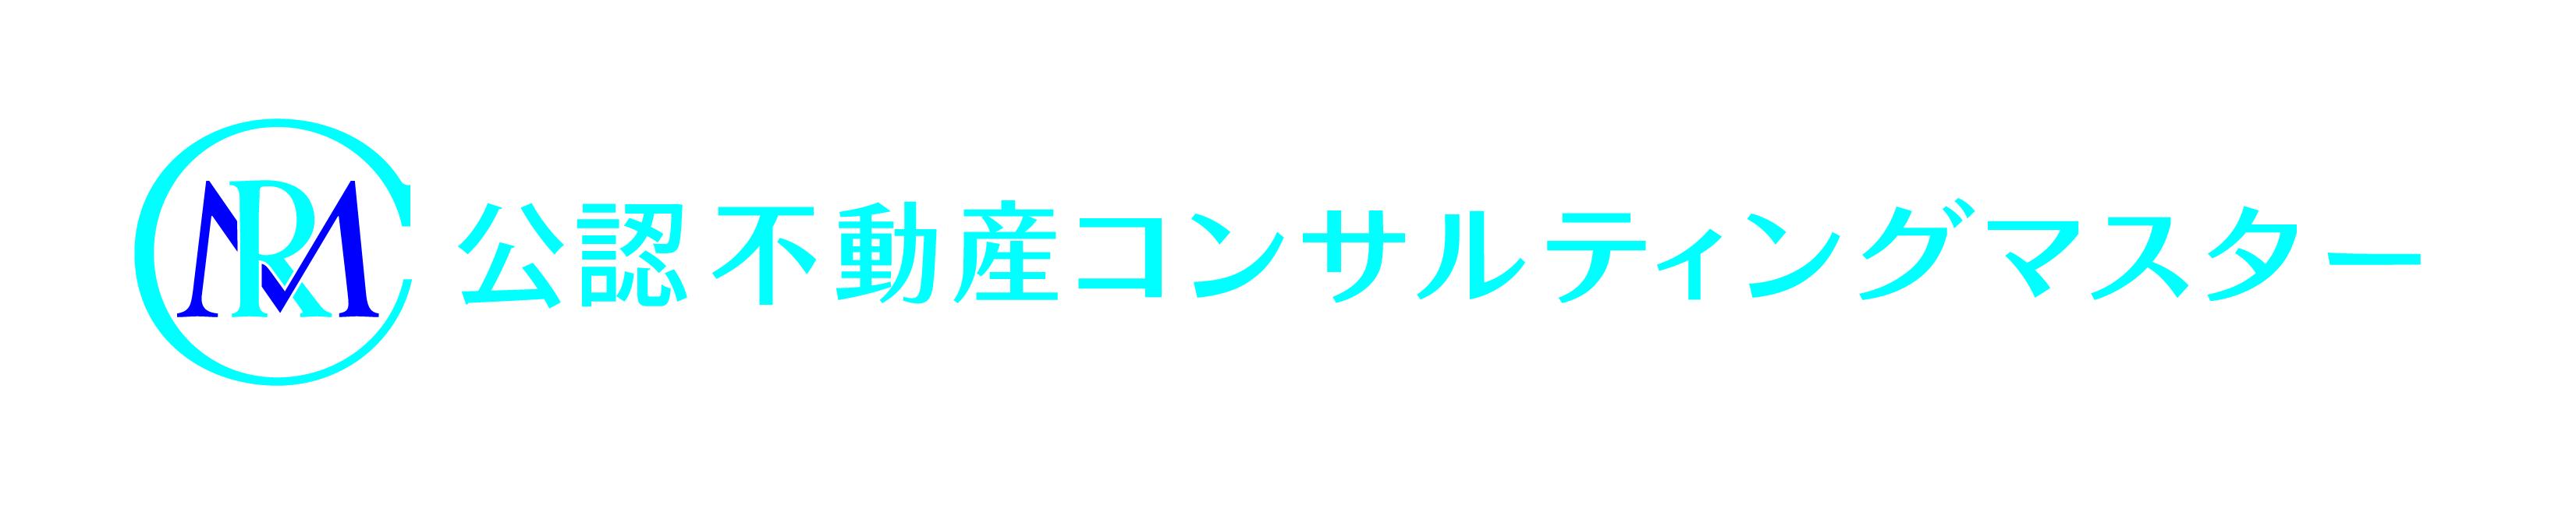 Y_C_J_b